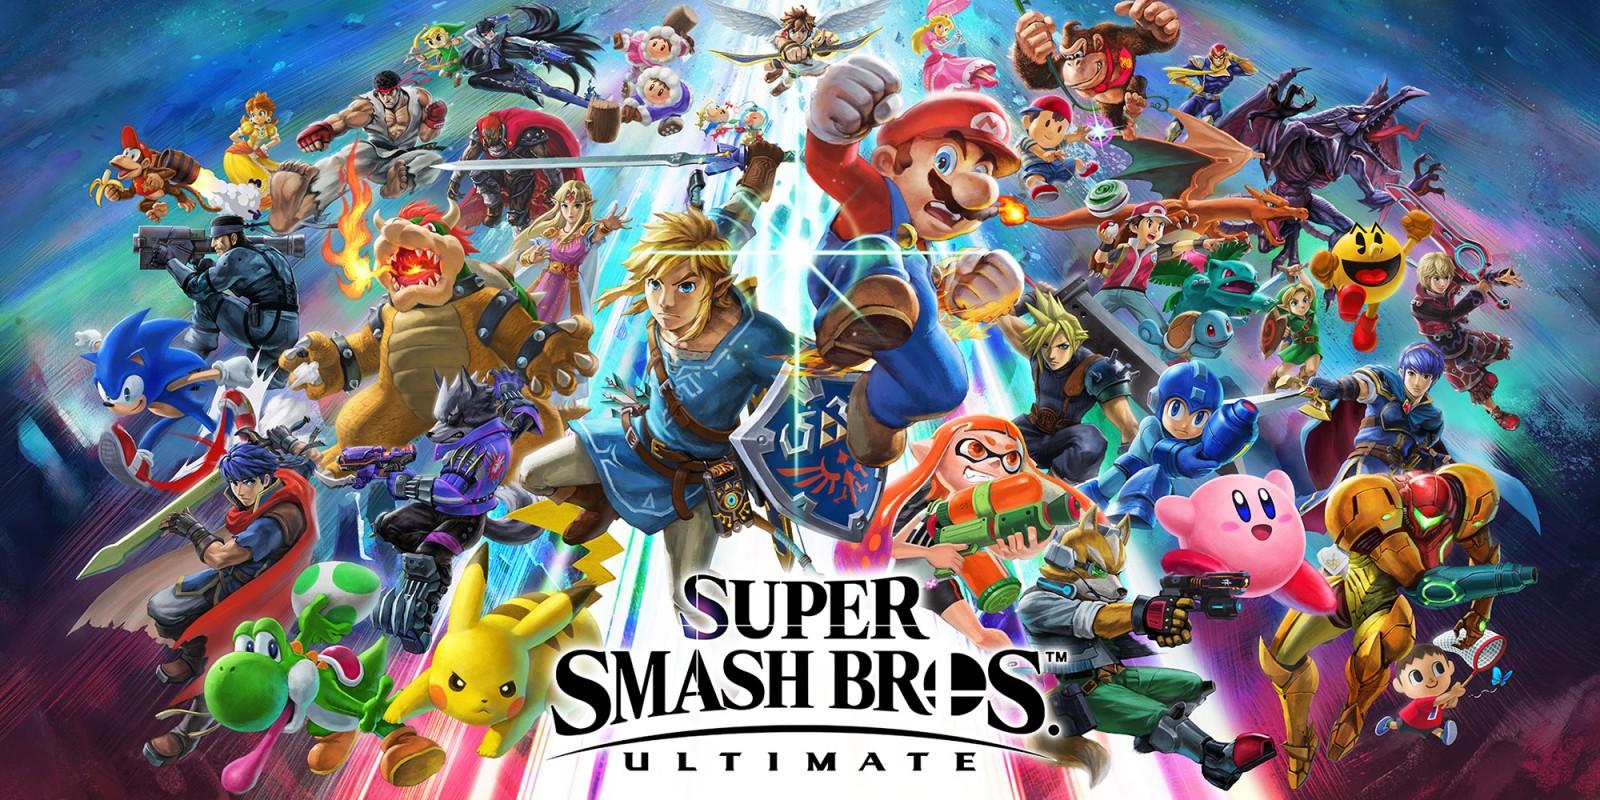 Nintendo Mendapat Masalah dari Game Super Smash Bros